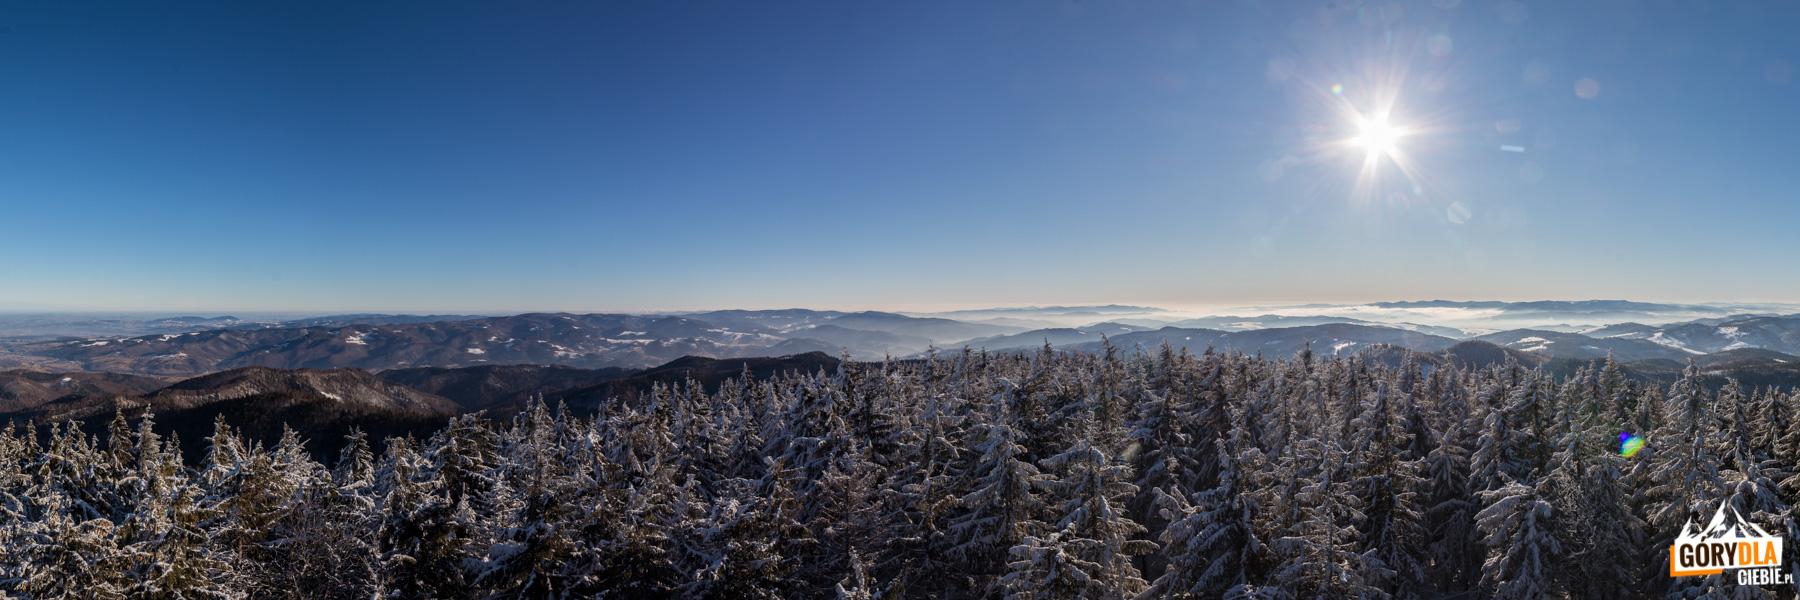 Widok z wieży na Radziejowej Pasmo Jaworzyny Krynickiej w Beskidzie Sądeckim, Beskid Niski oraz słowackie Góry Czerchowskie i Góry Lewockie